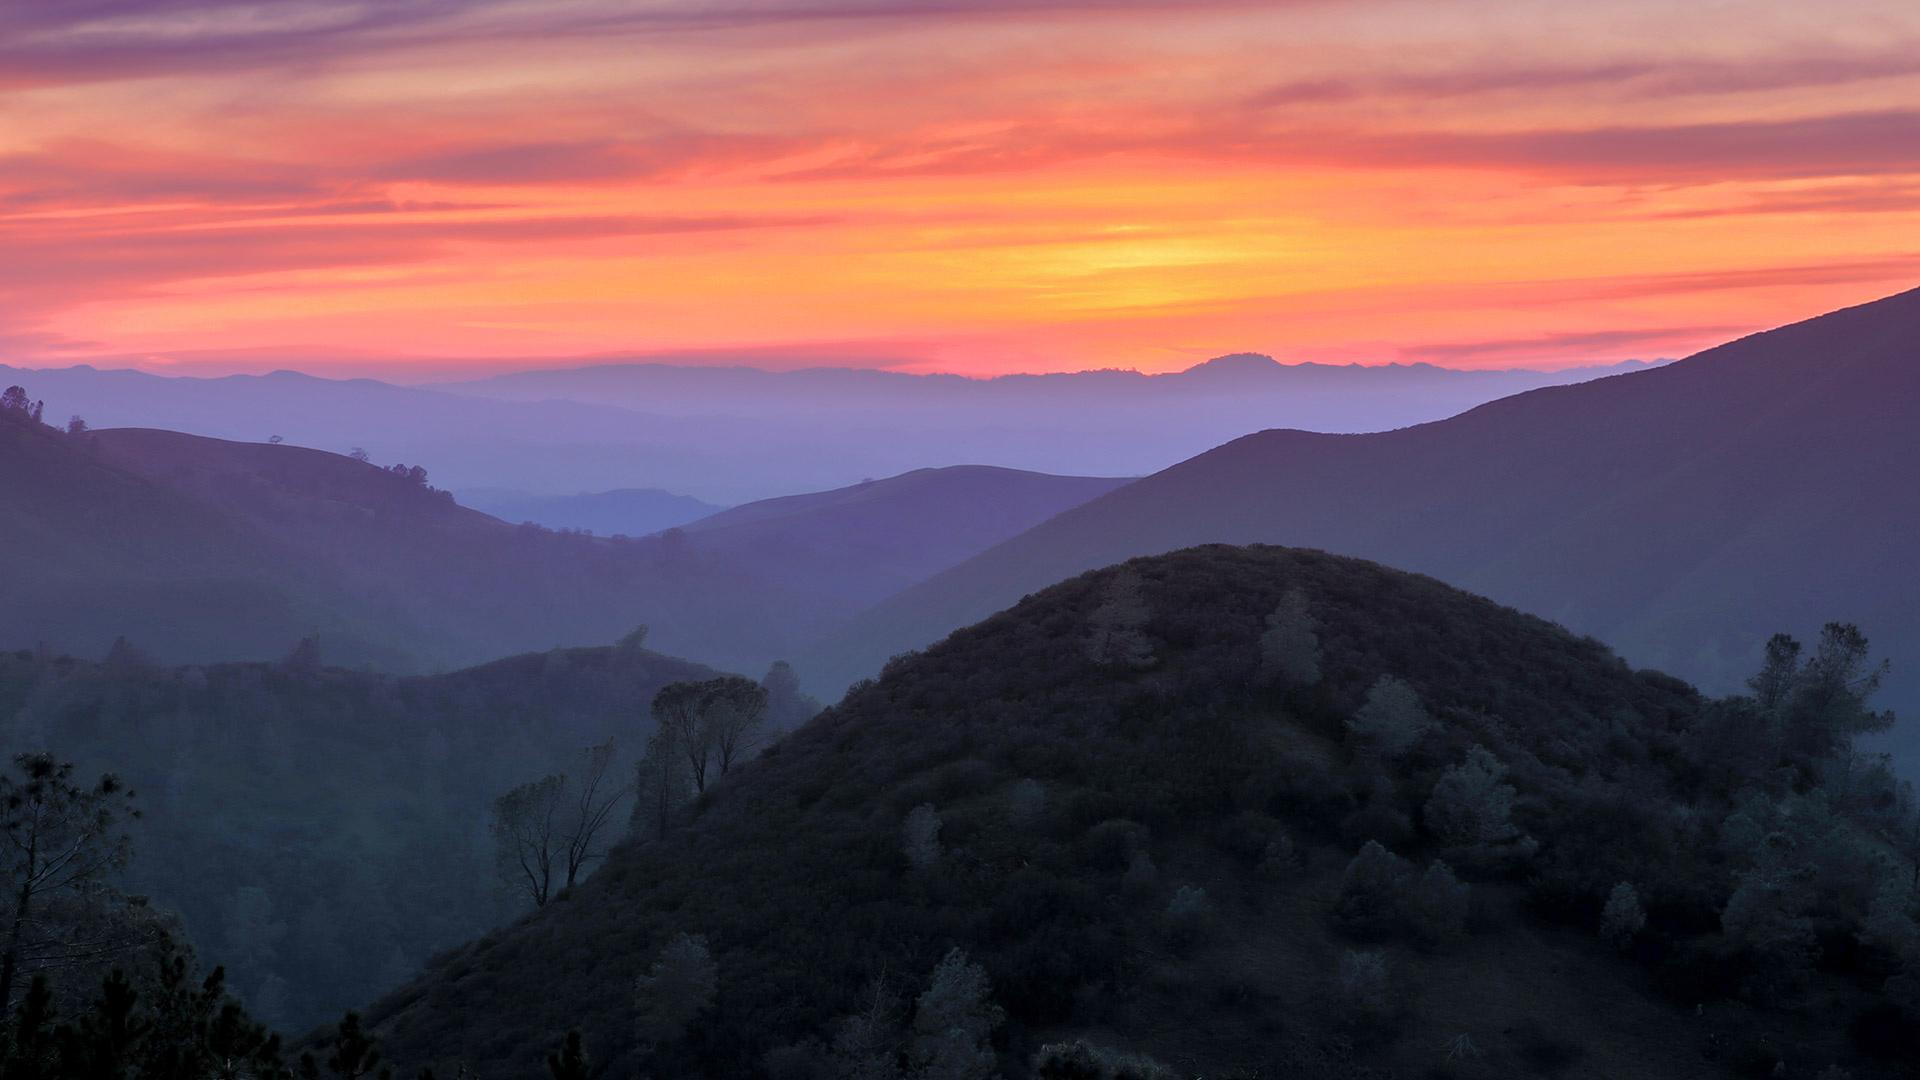 代阿布洛峰州立公园